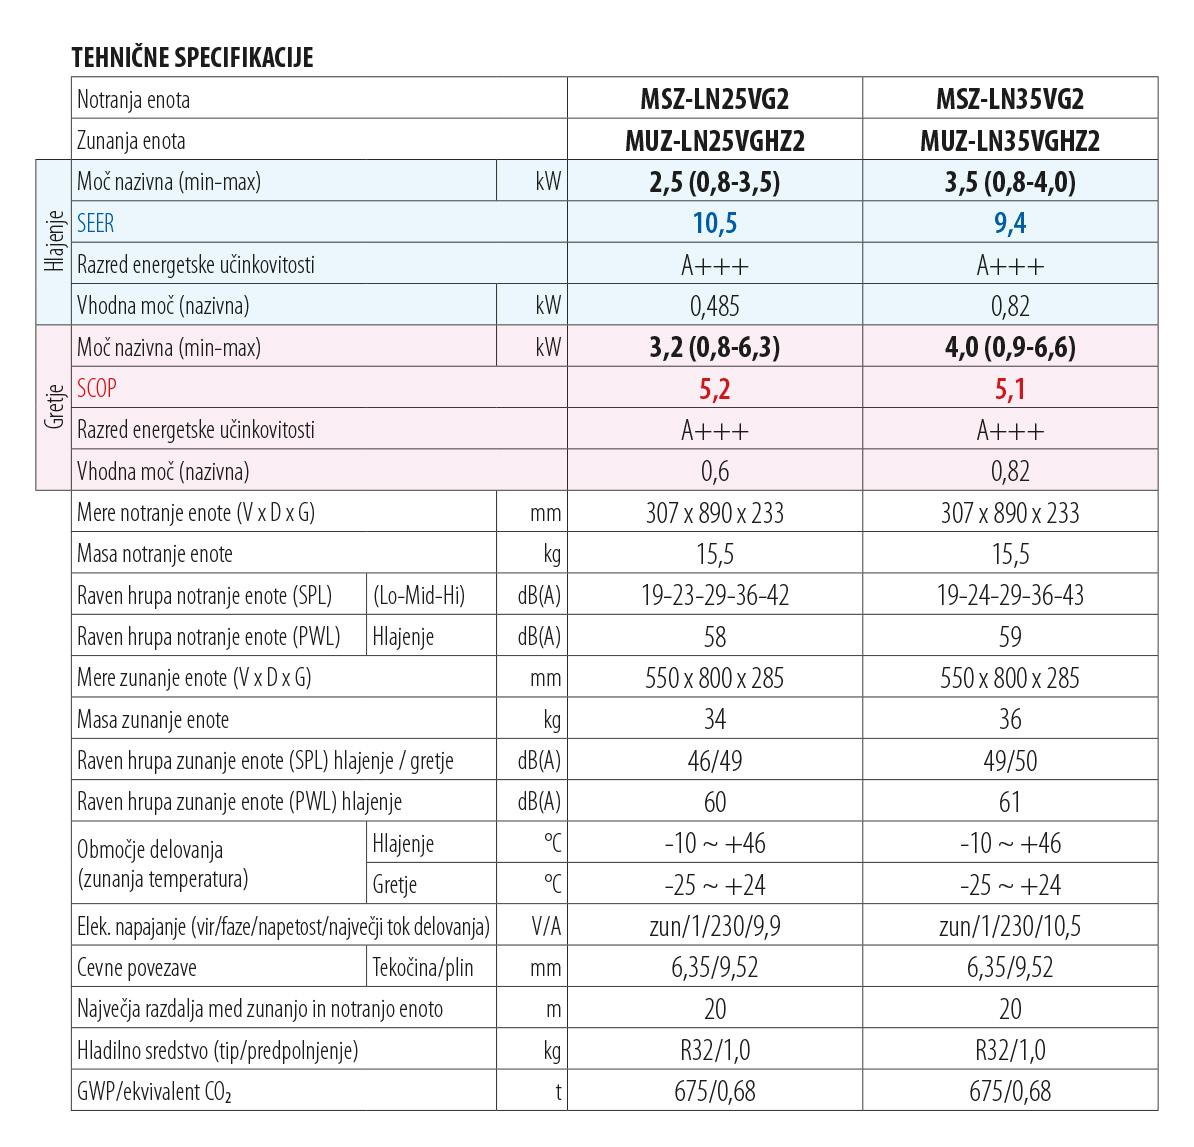 tehnični podatki za klimo MSZ-LN